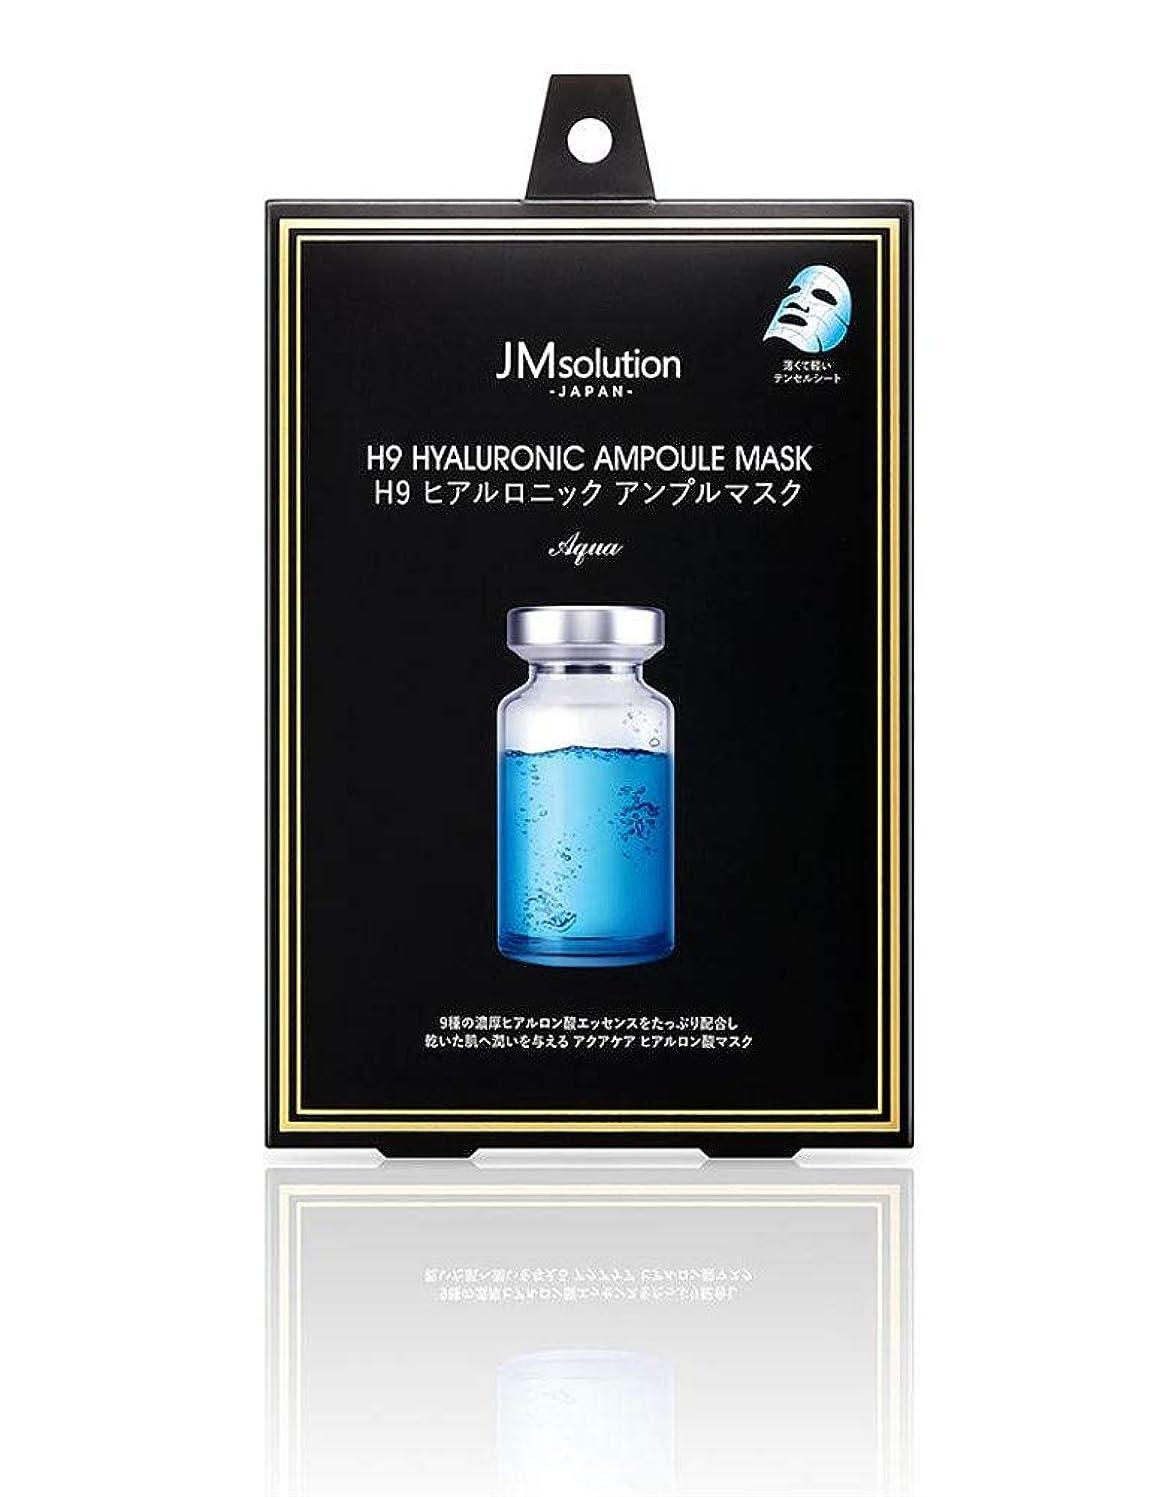 ブルームつばブレンドJMsolution H9 ヒアルロニック アンプルマスク アクア 30g×5枚(箱入り)